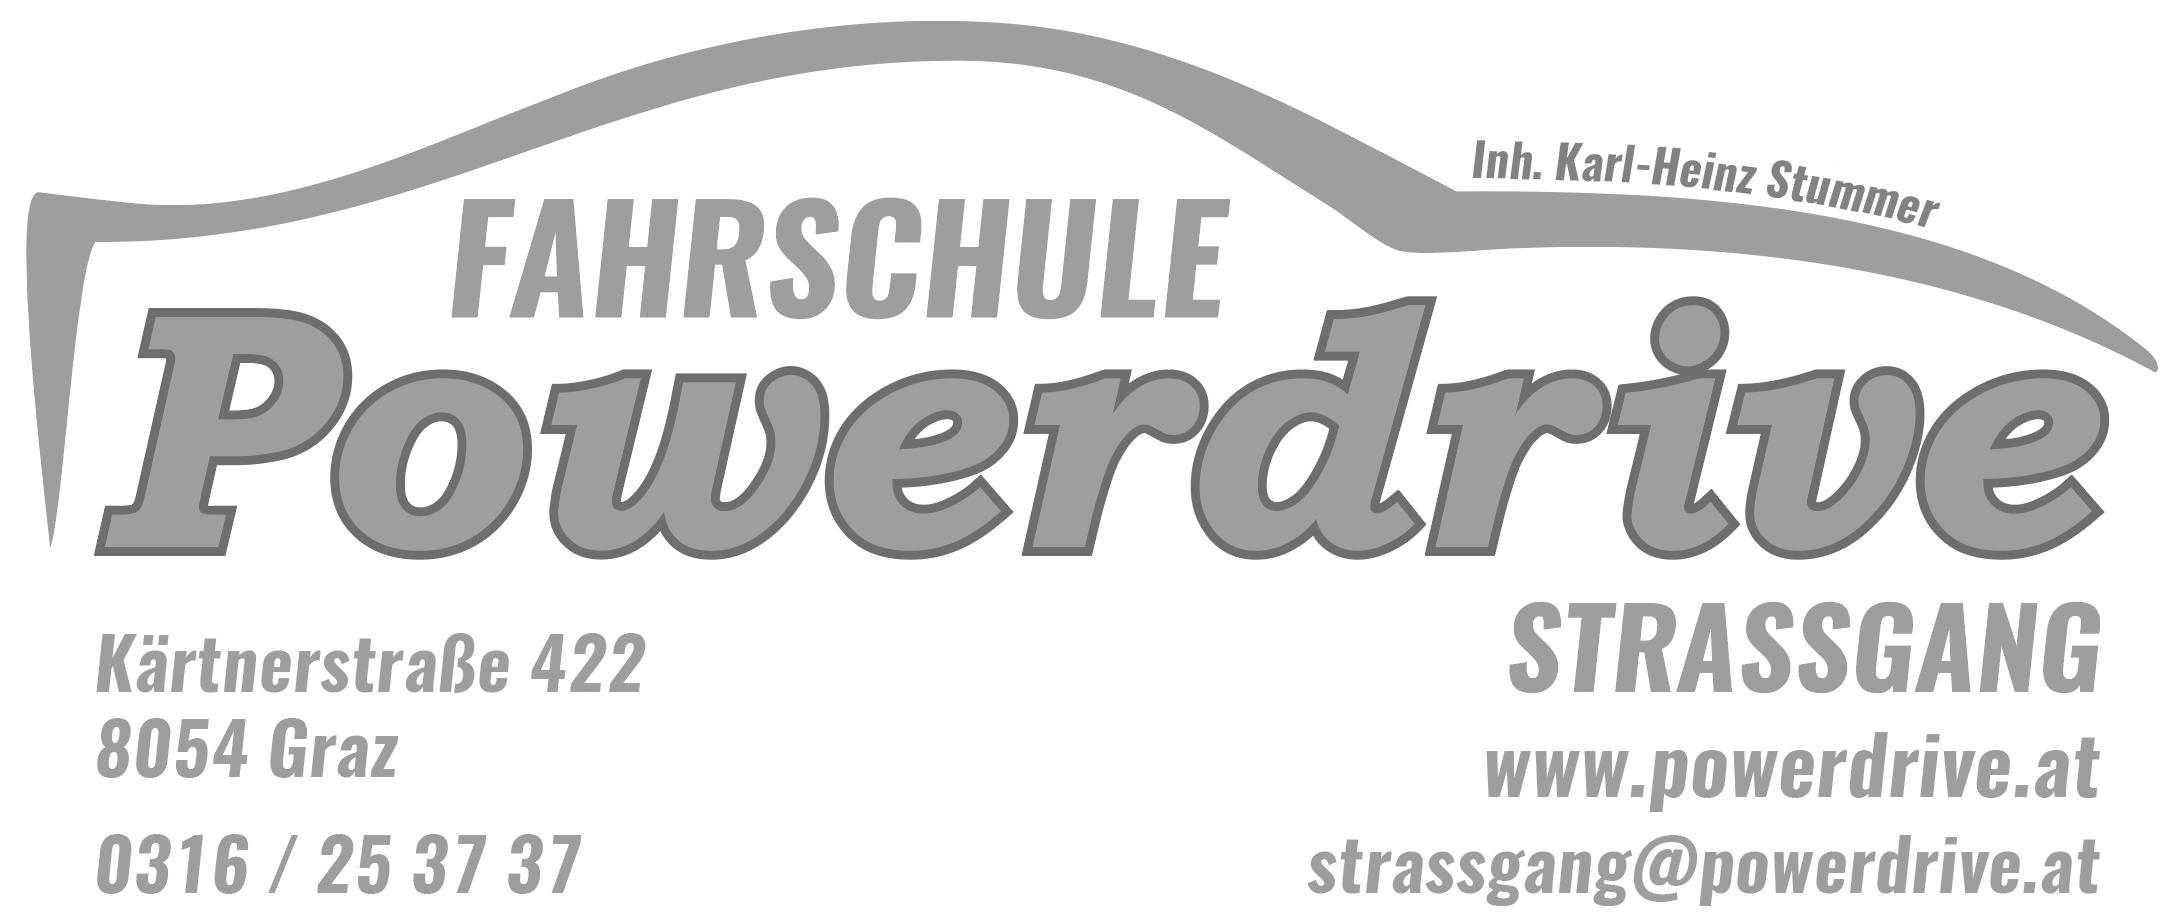 Fahrschule Powerdrive Strassgang